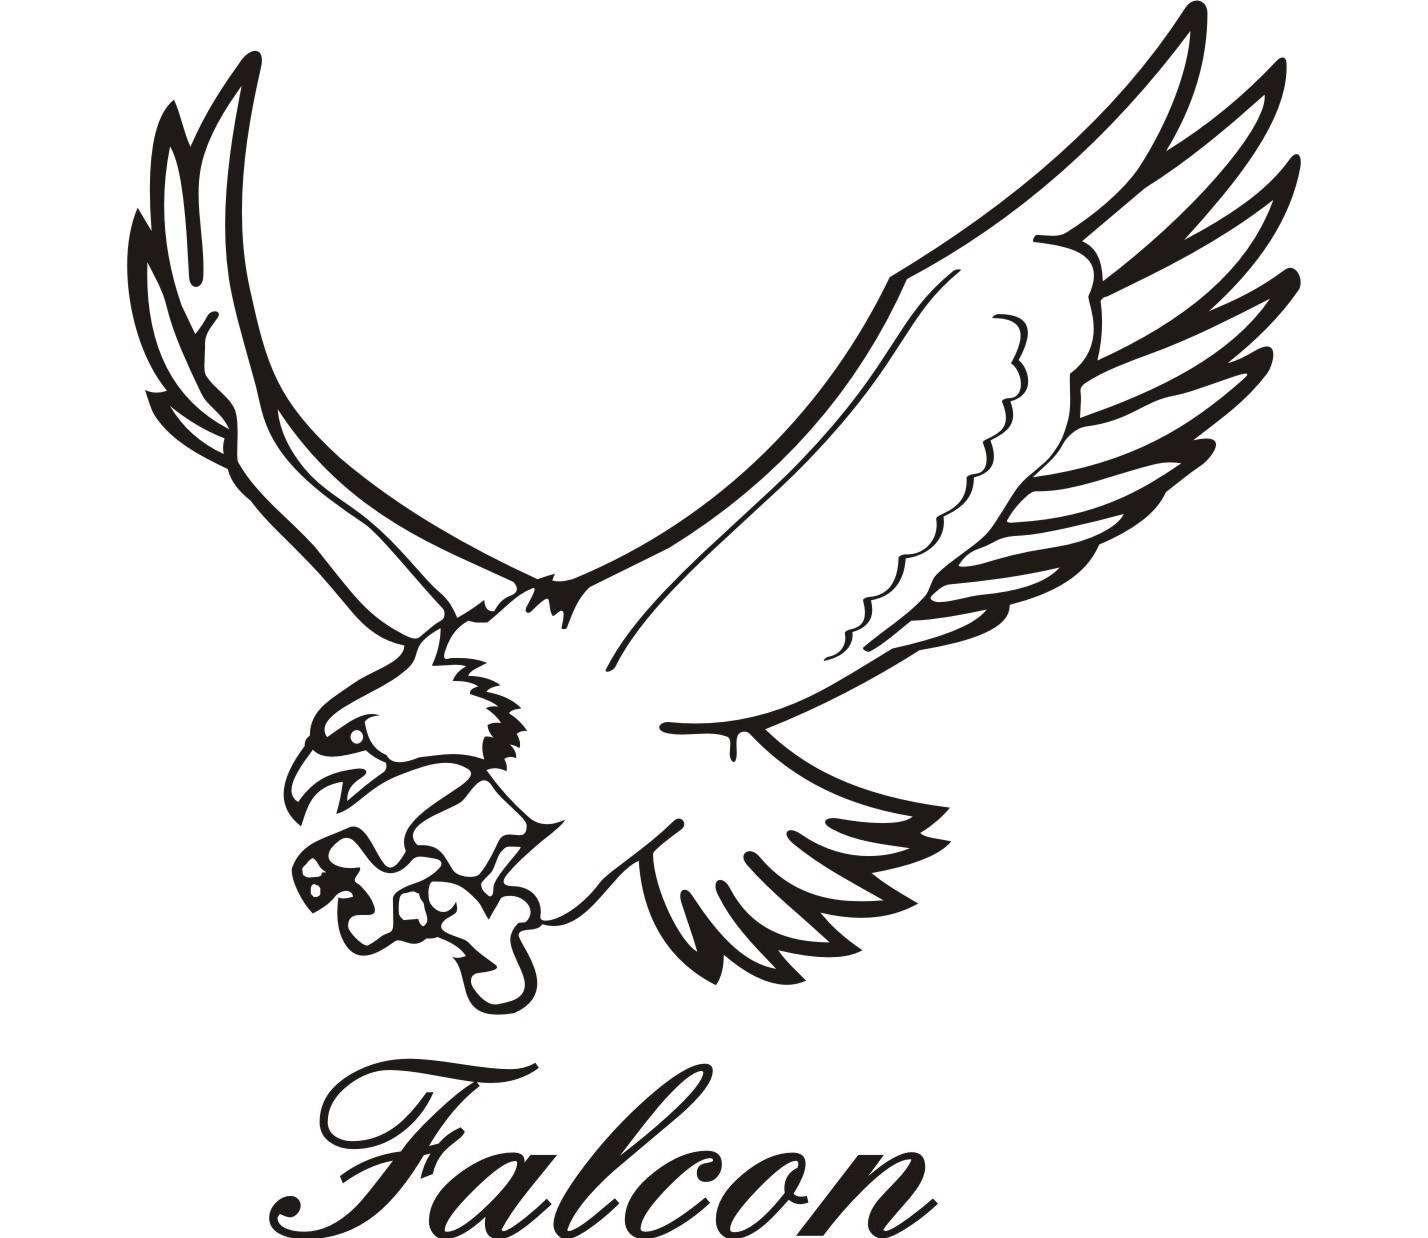 Falcon graphic - photo#19